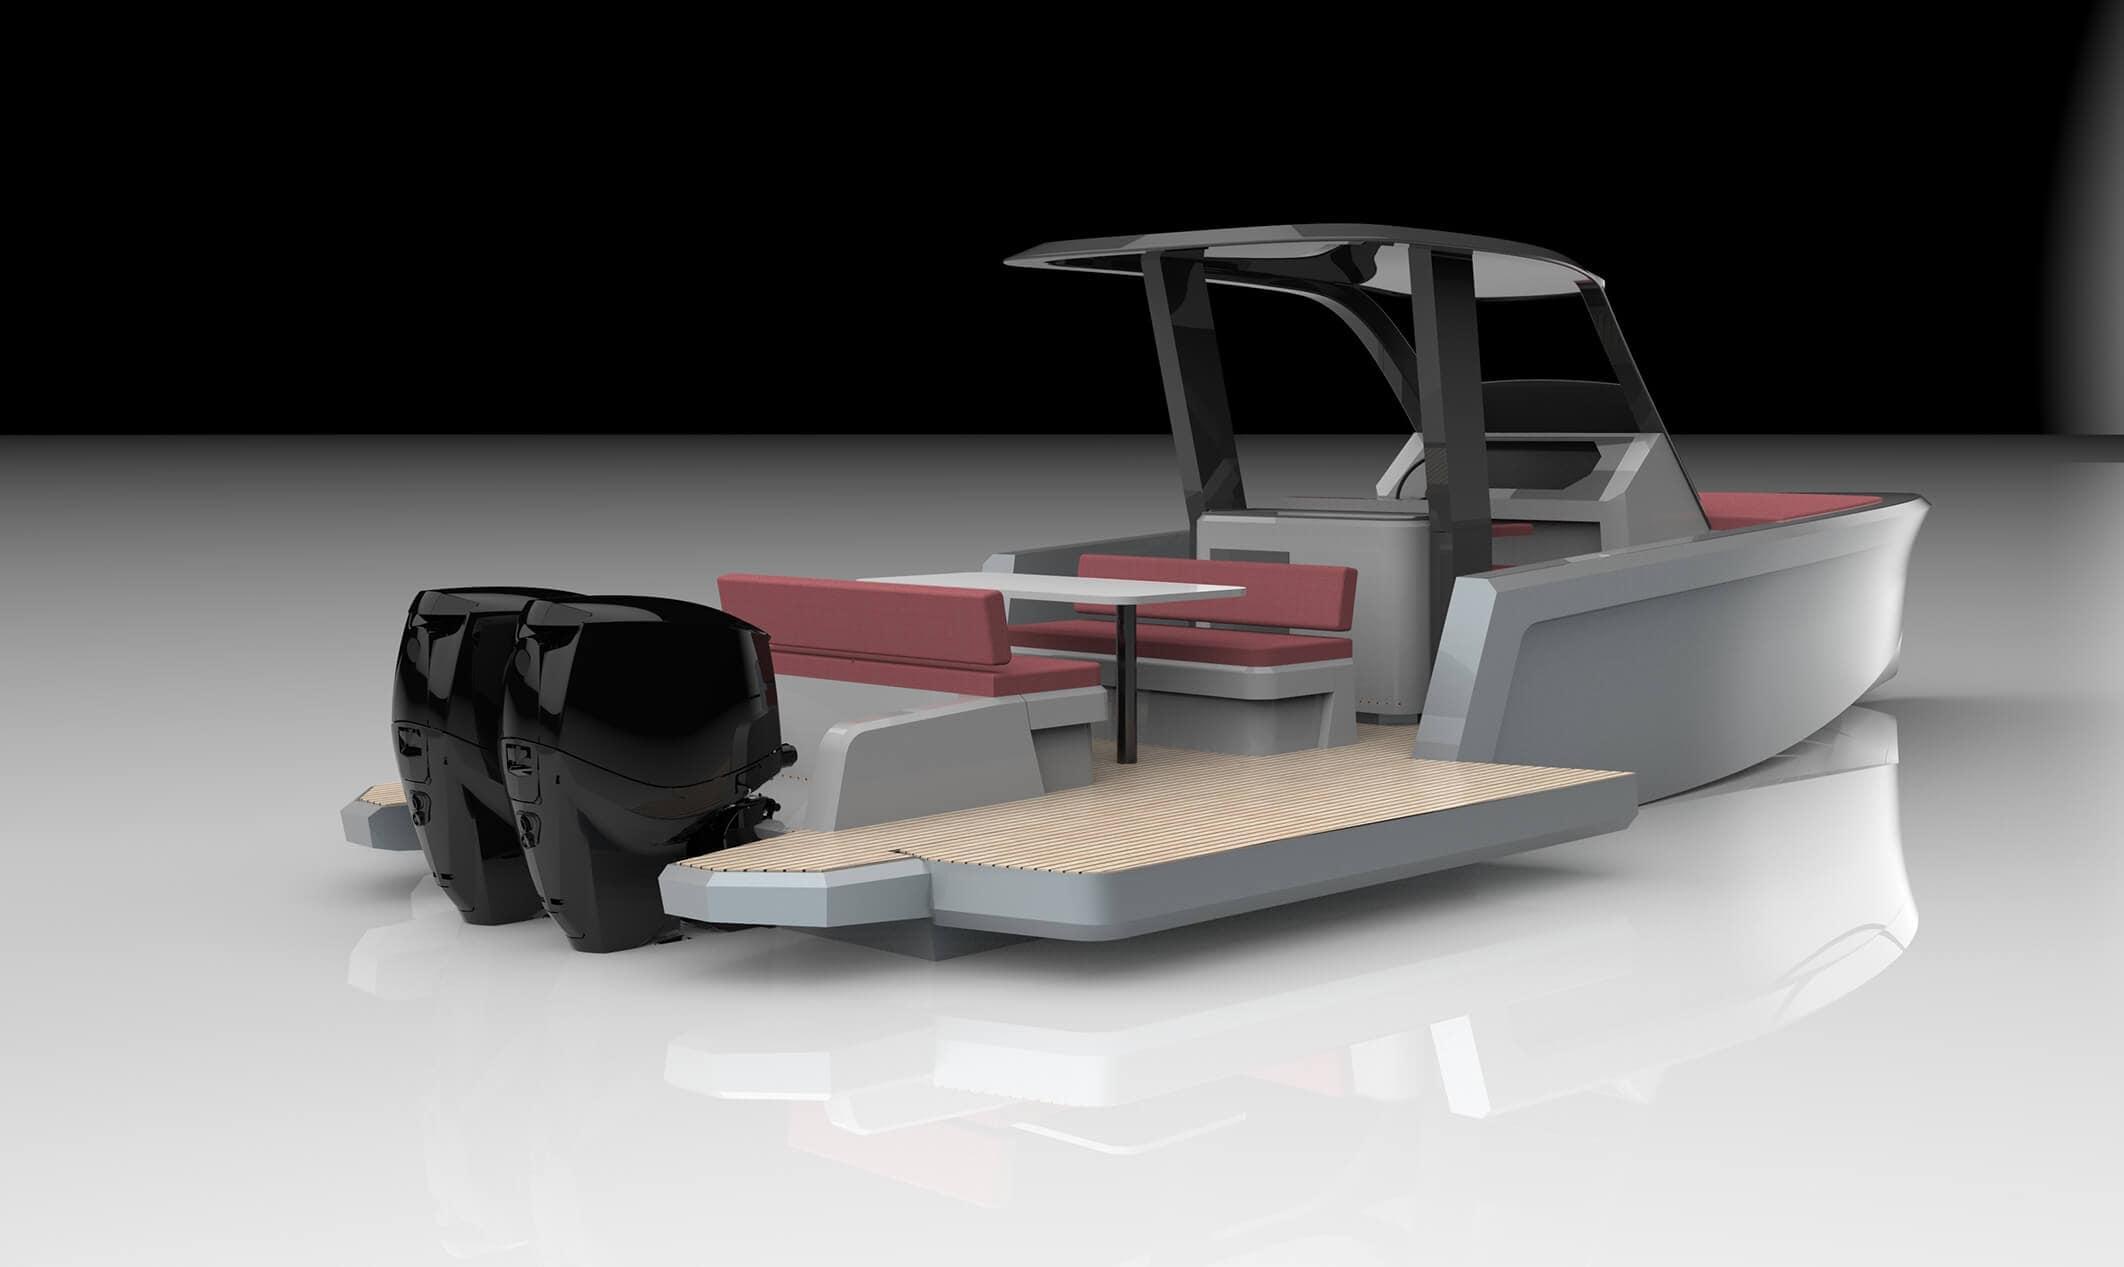 Innovative boat builder Swisscraft